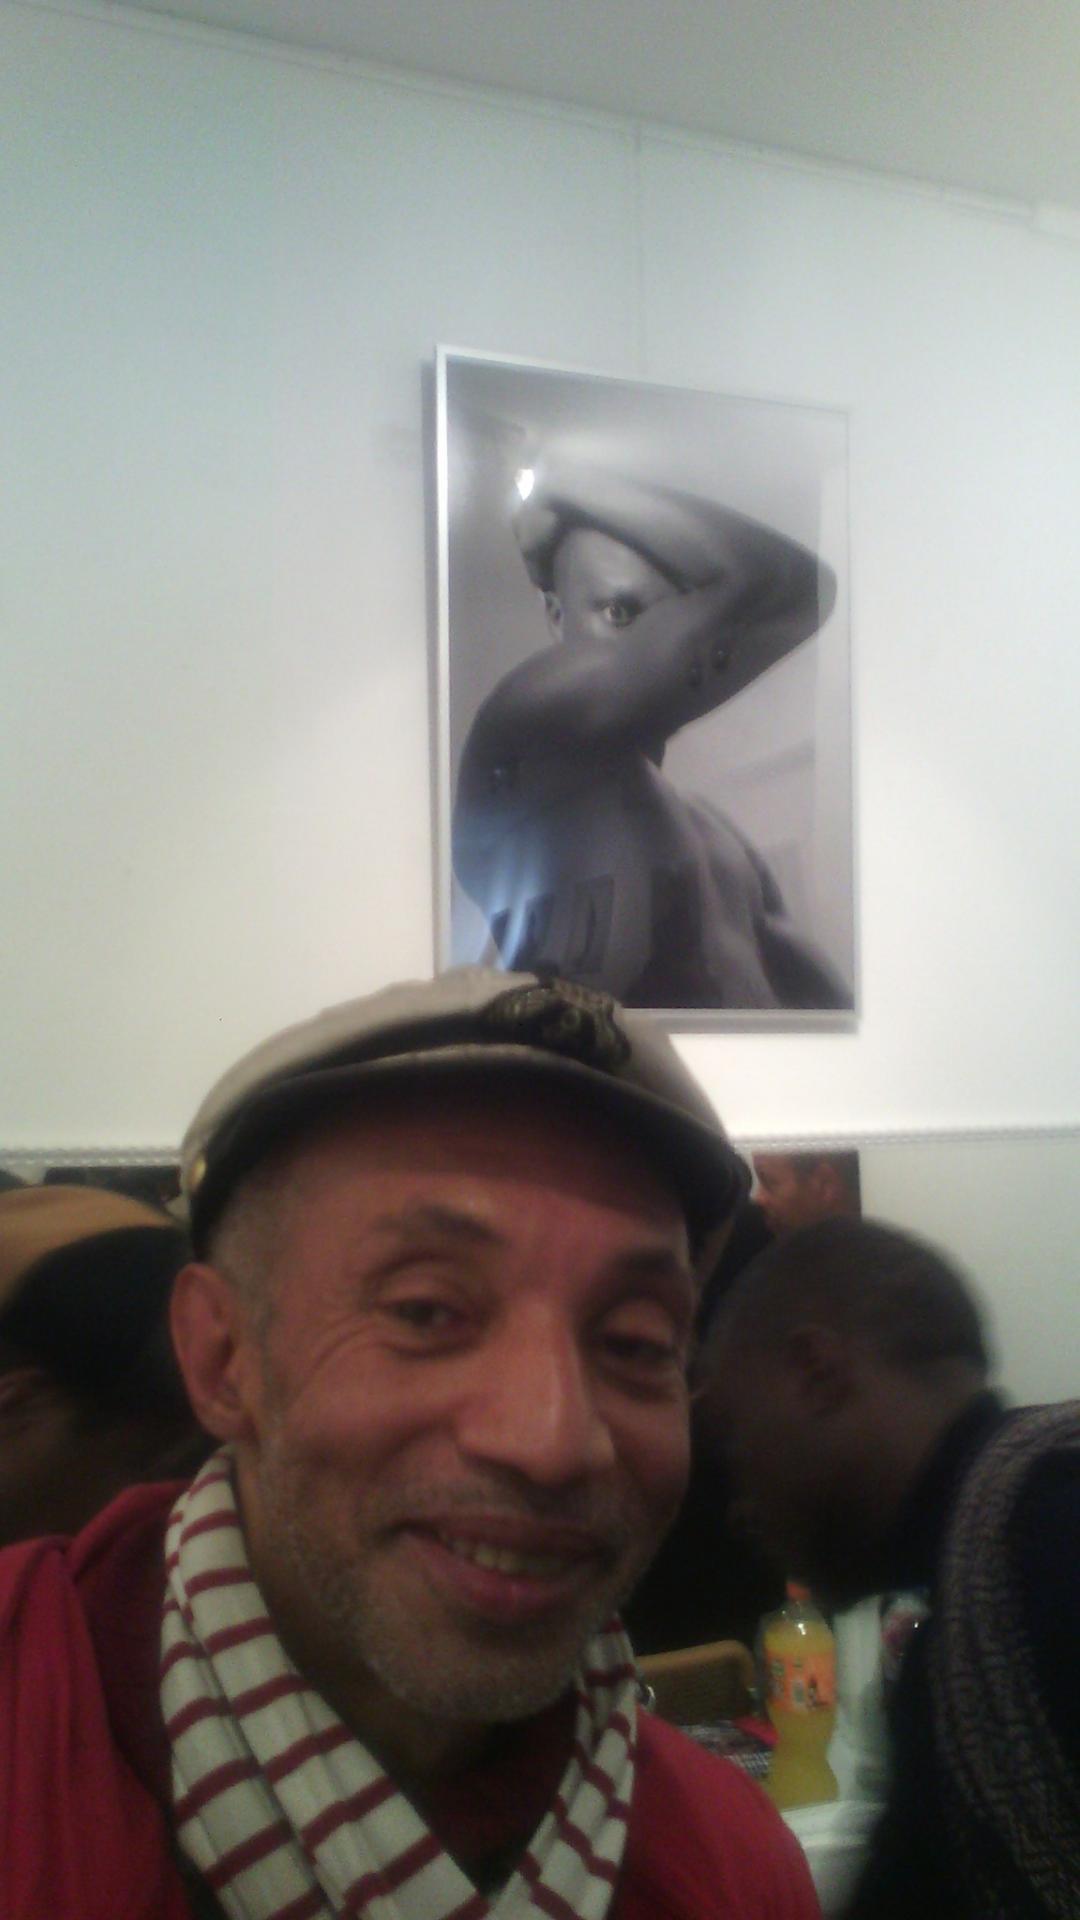 Image des noirs et sexualté/xpos photo &debat a Bastille